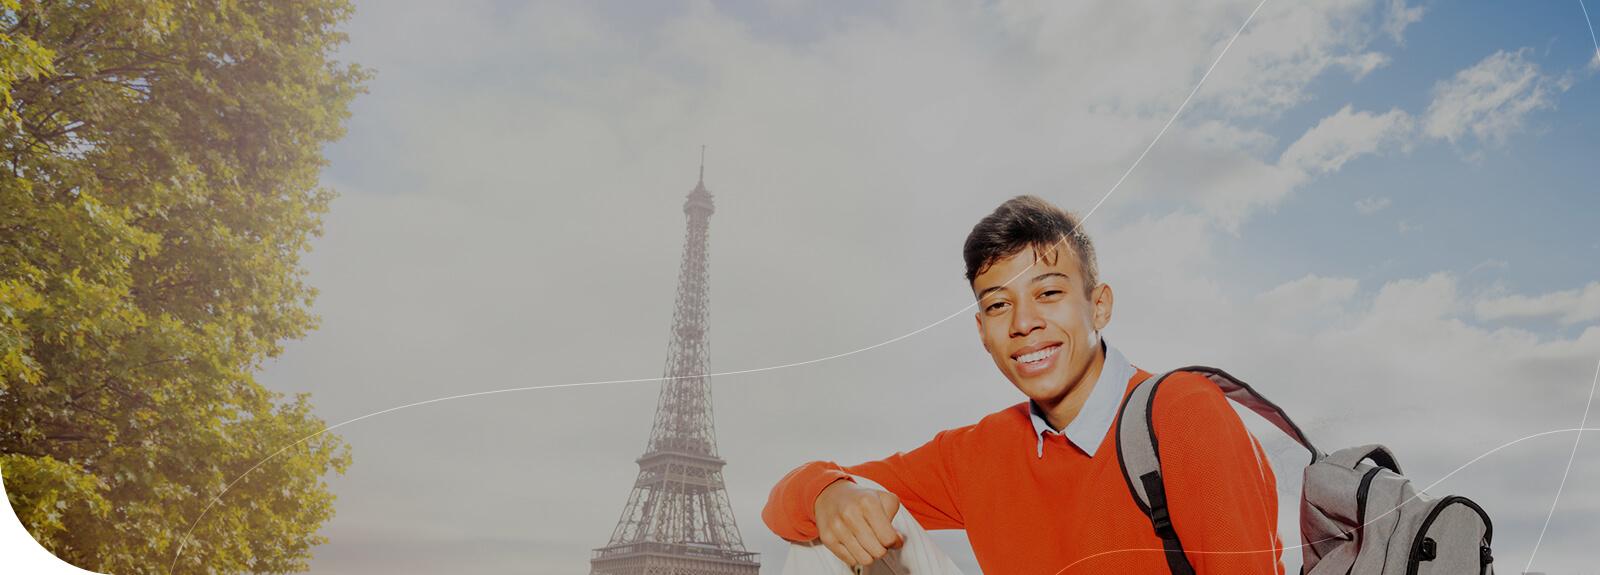 Estudiante sonriendo en París gracias al préstamo de CONAPE